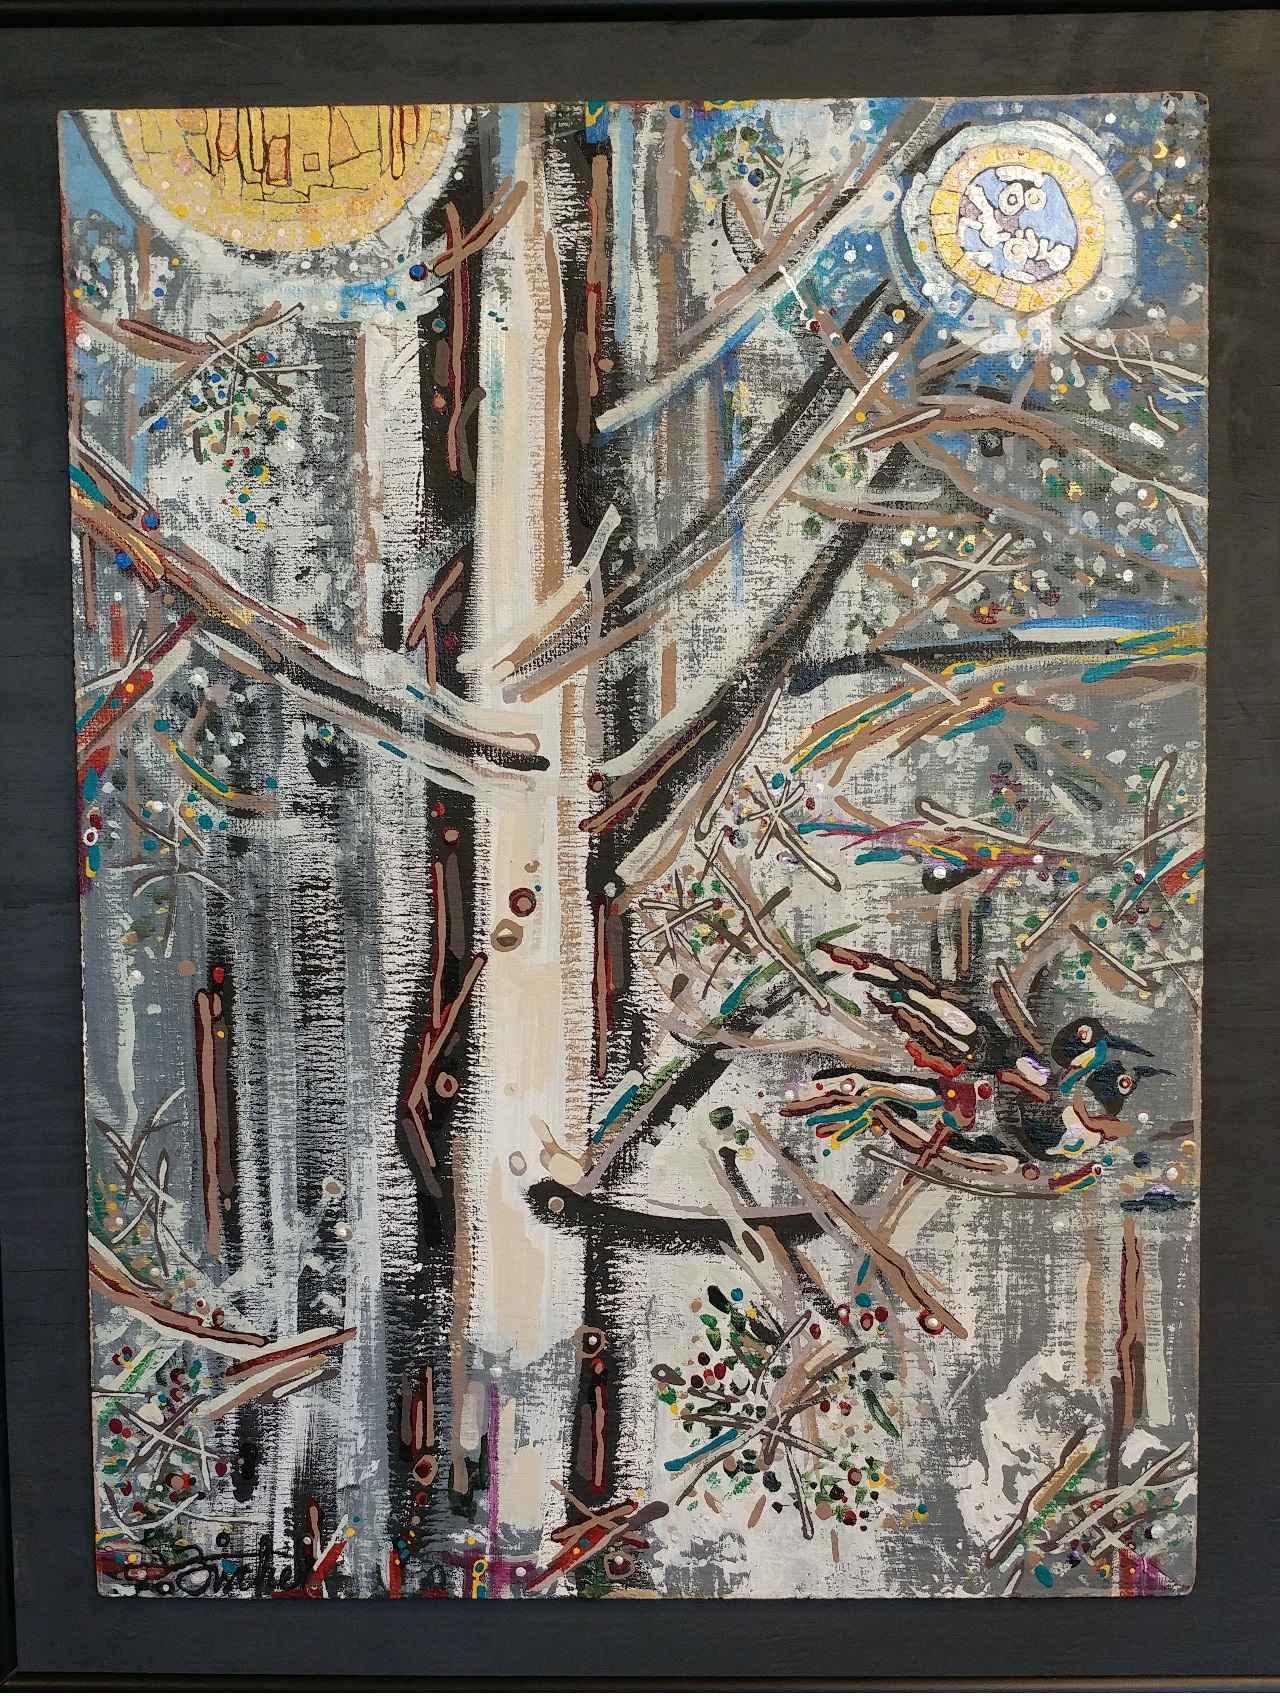 Winter Solstice by  David Fischel - Masterpiece Online